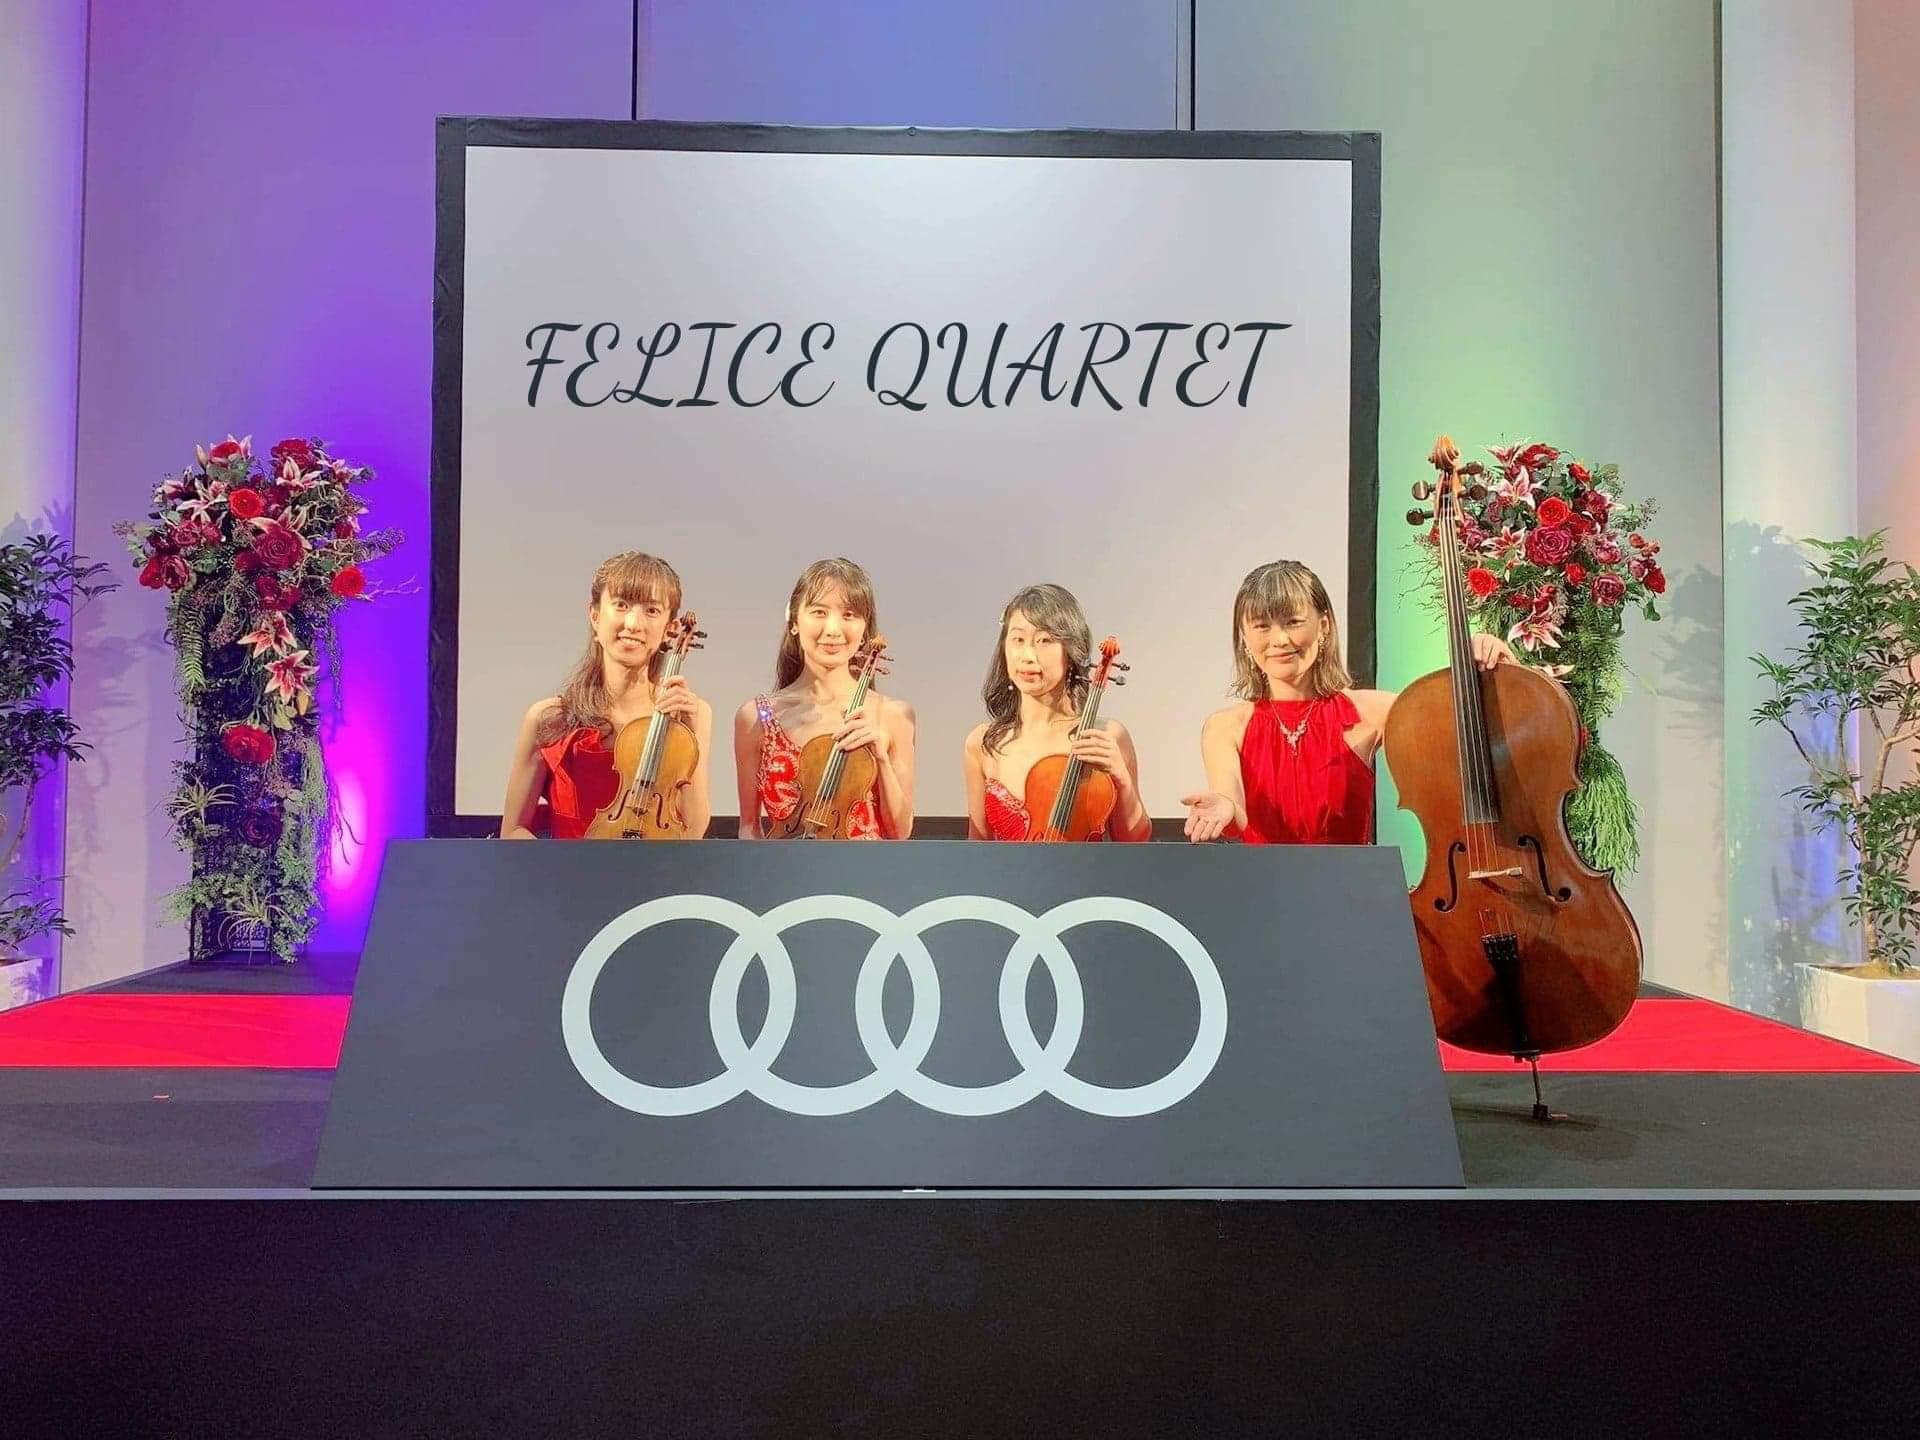 弦楽四重奏フェリスがAudiショールームで演奏